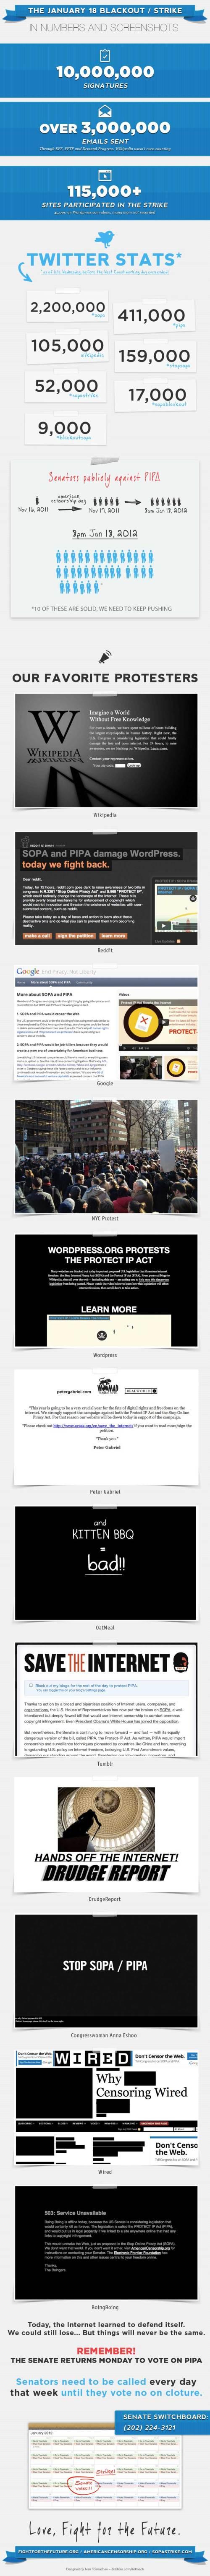 Sopa-Protest: Die Ergebnisse in Zahlen